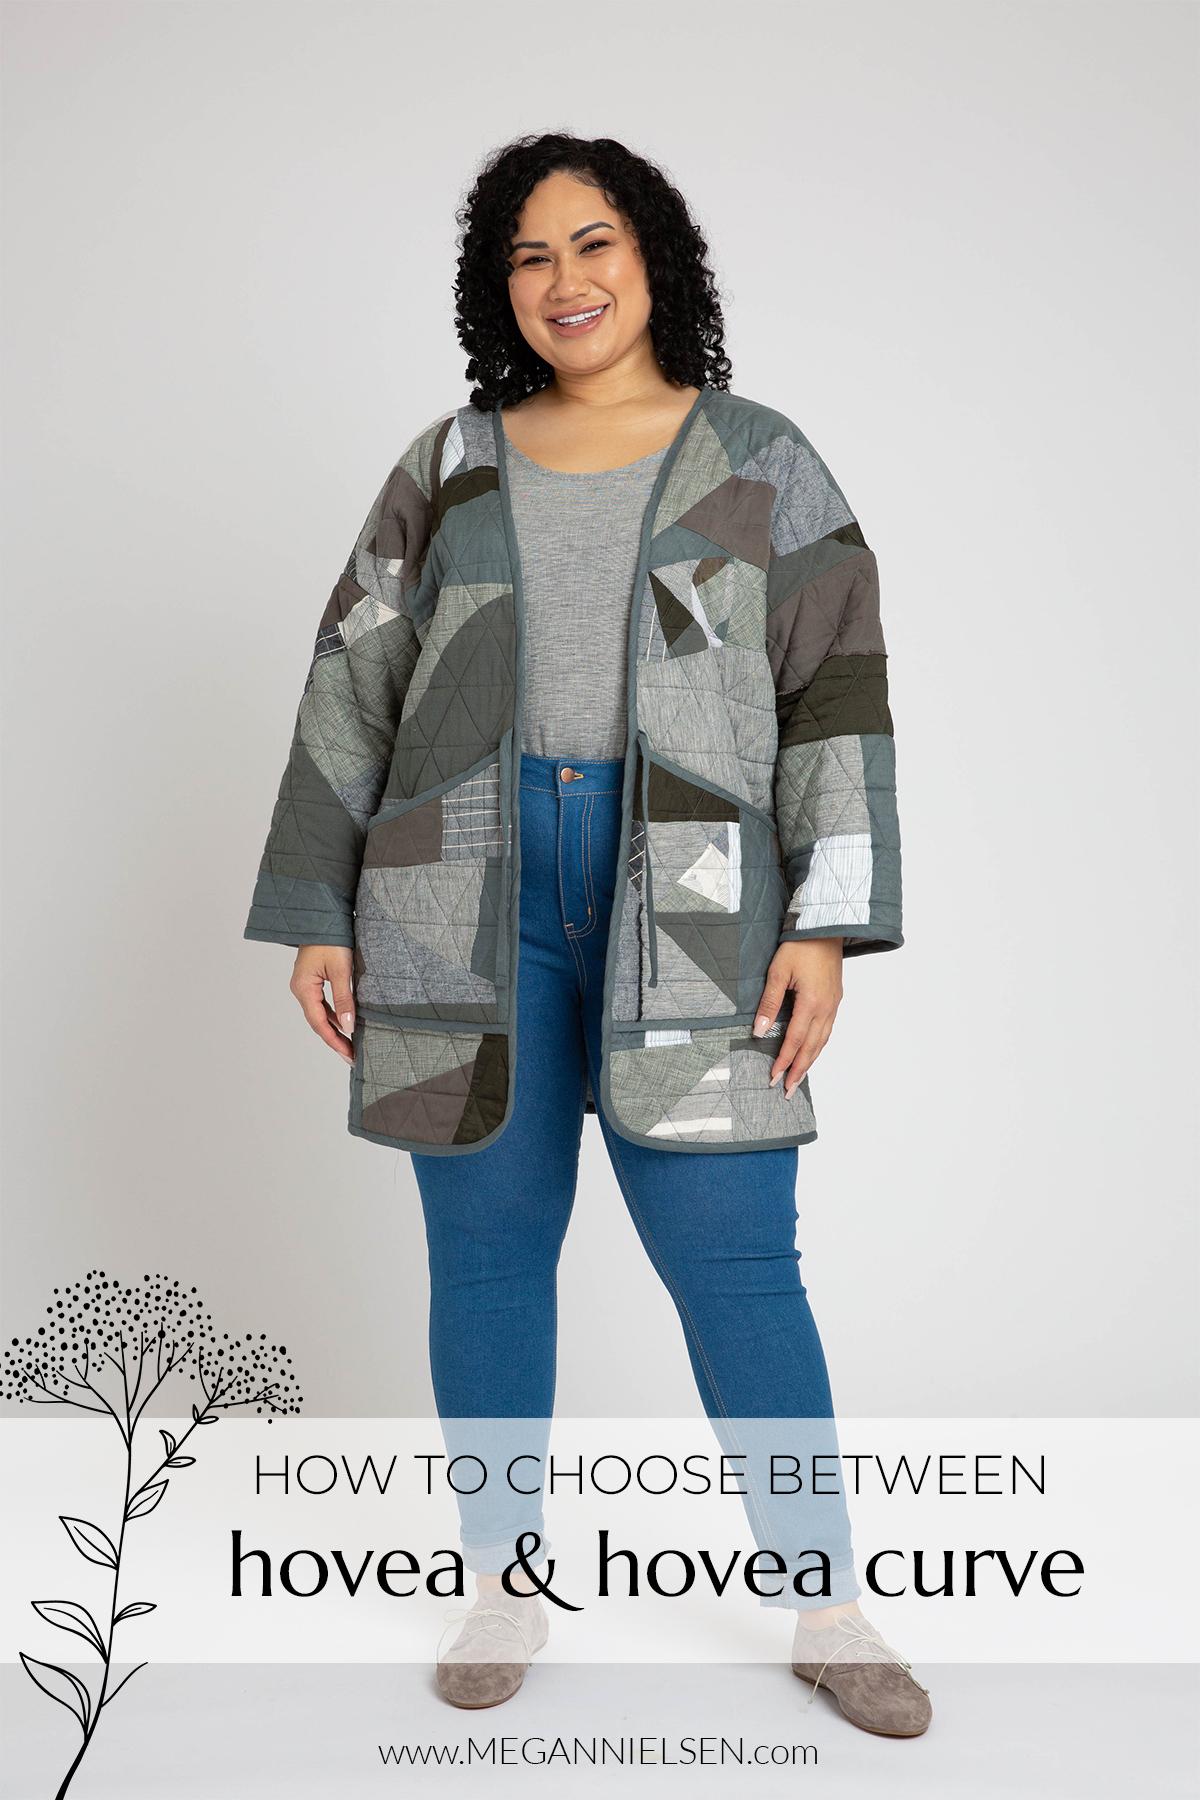 How to Choose Between Hovea & Hovea Curve | Megan Nielsen Blog